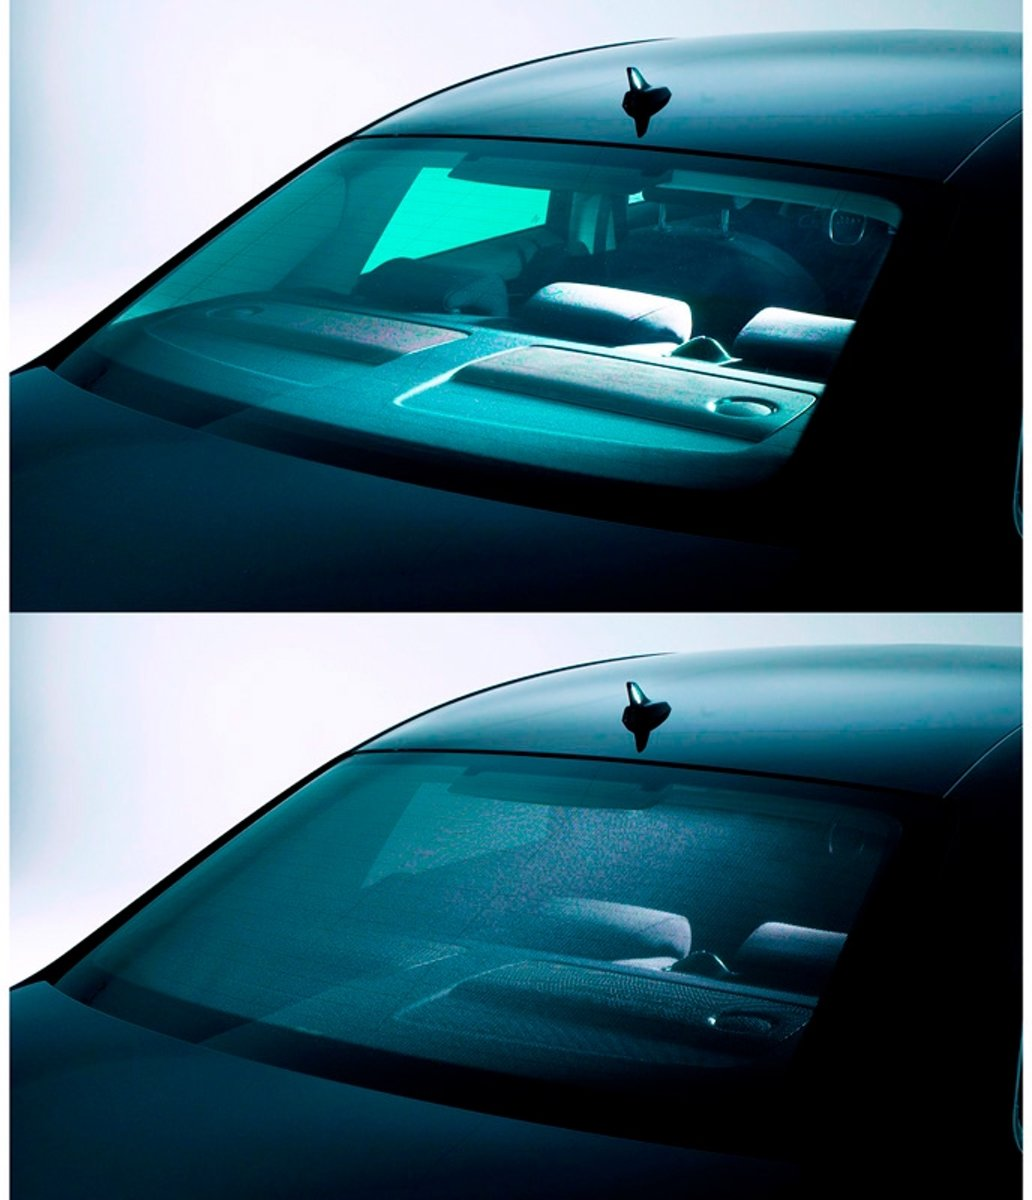 Destro R.1350 Solo Vetro con Biadesivo Cromato Specchio Retrovisore specchietto esterno